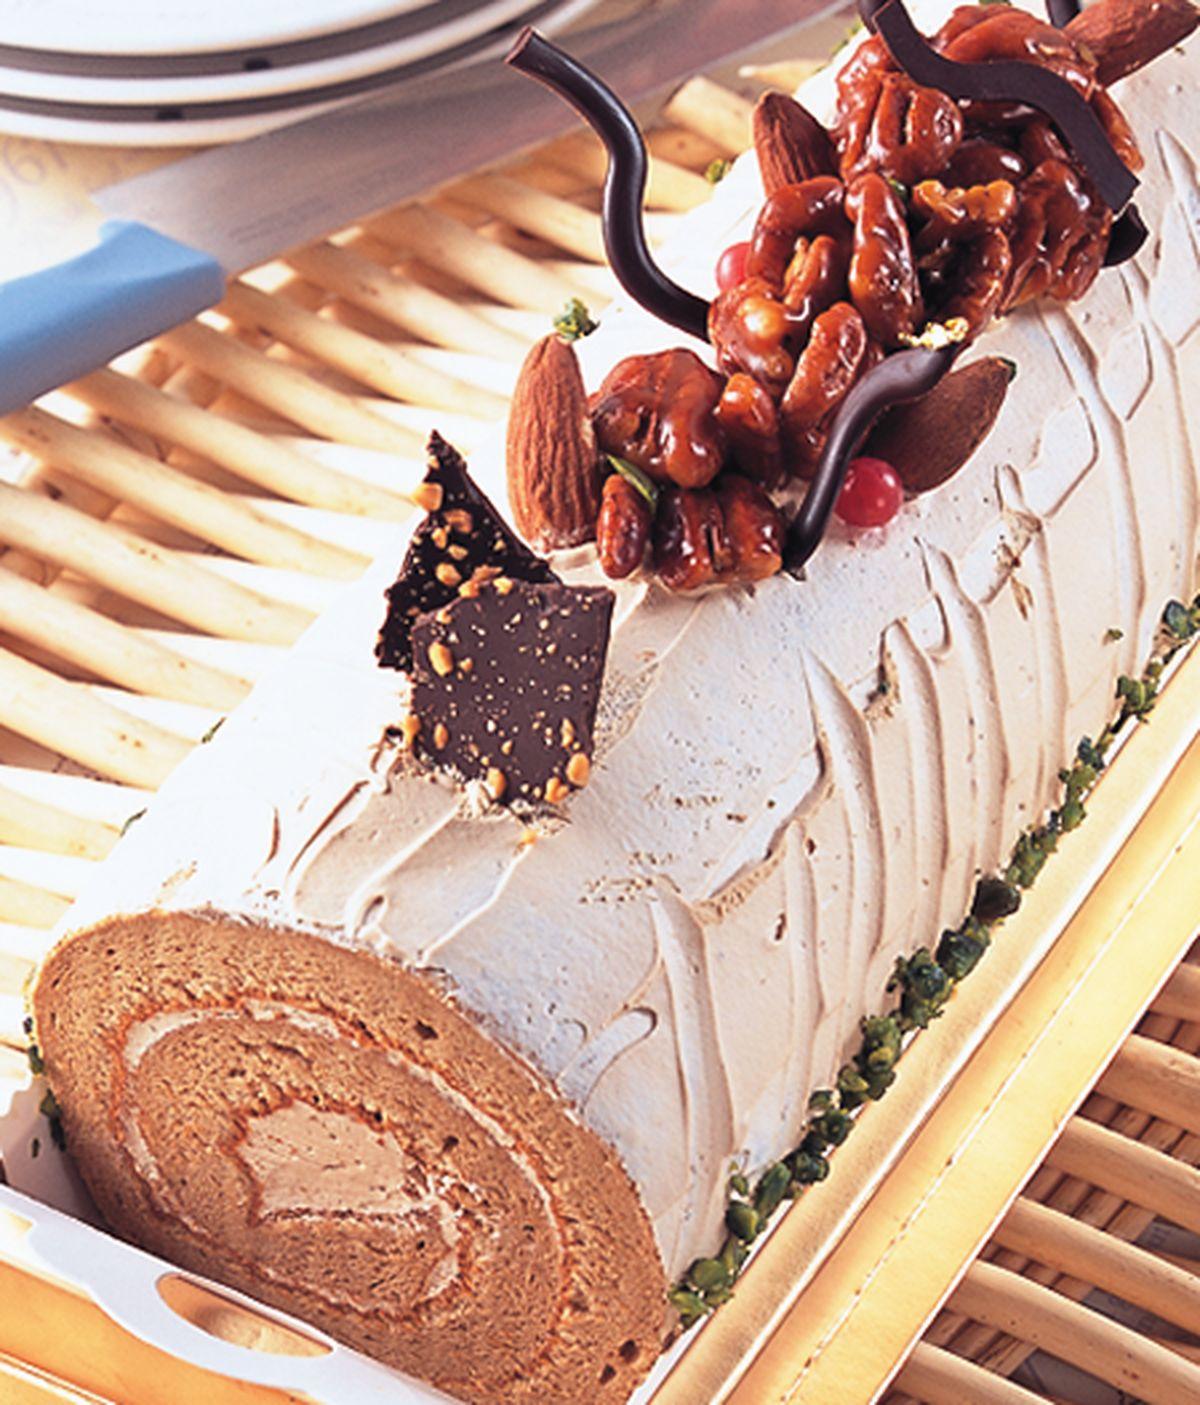 食譜:愛爾蘭咖啡蛋糕